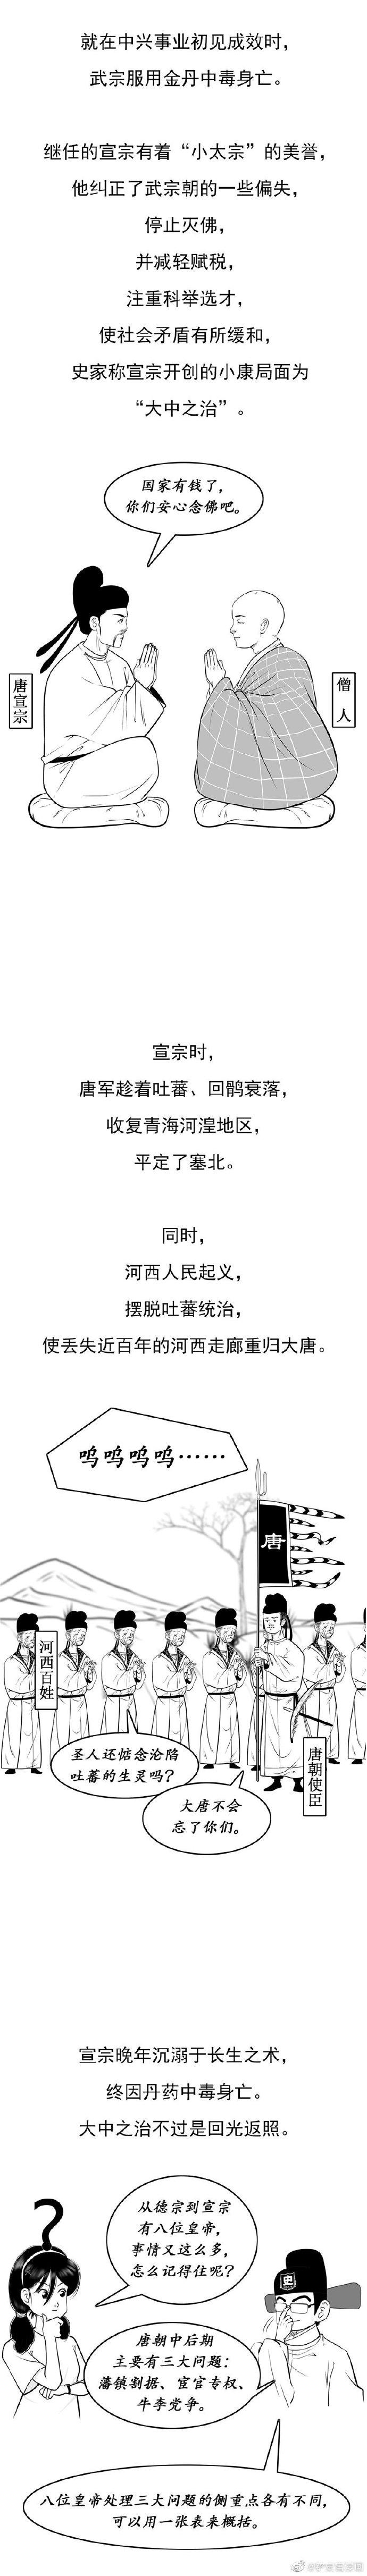 唐朝|安史之乱后,大唐为啥还能硬撑近150年之久?